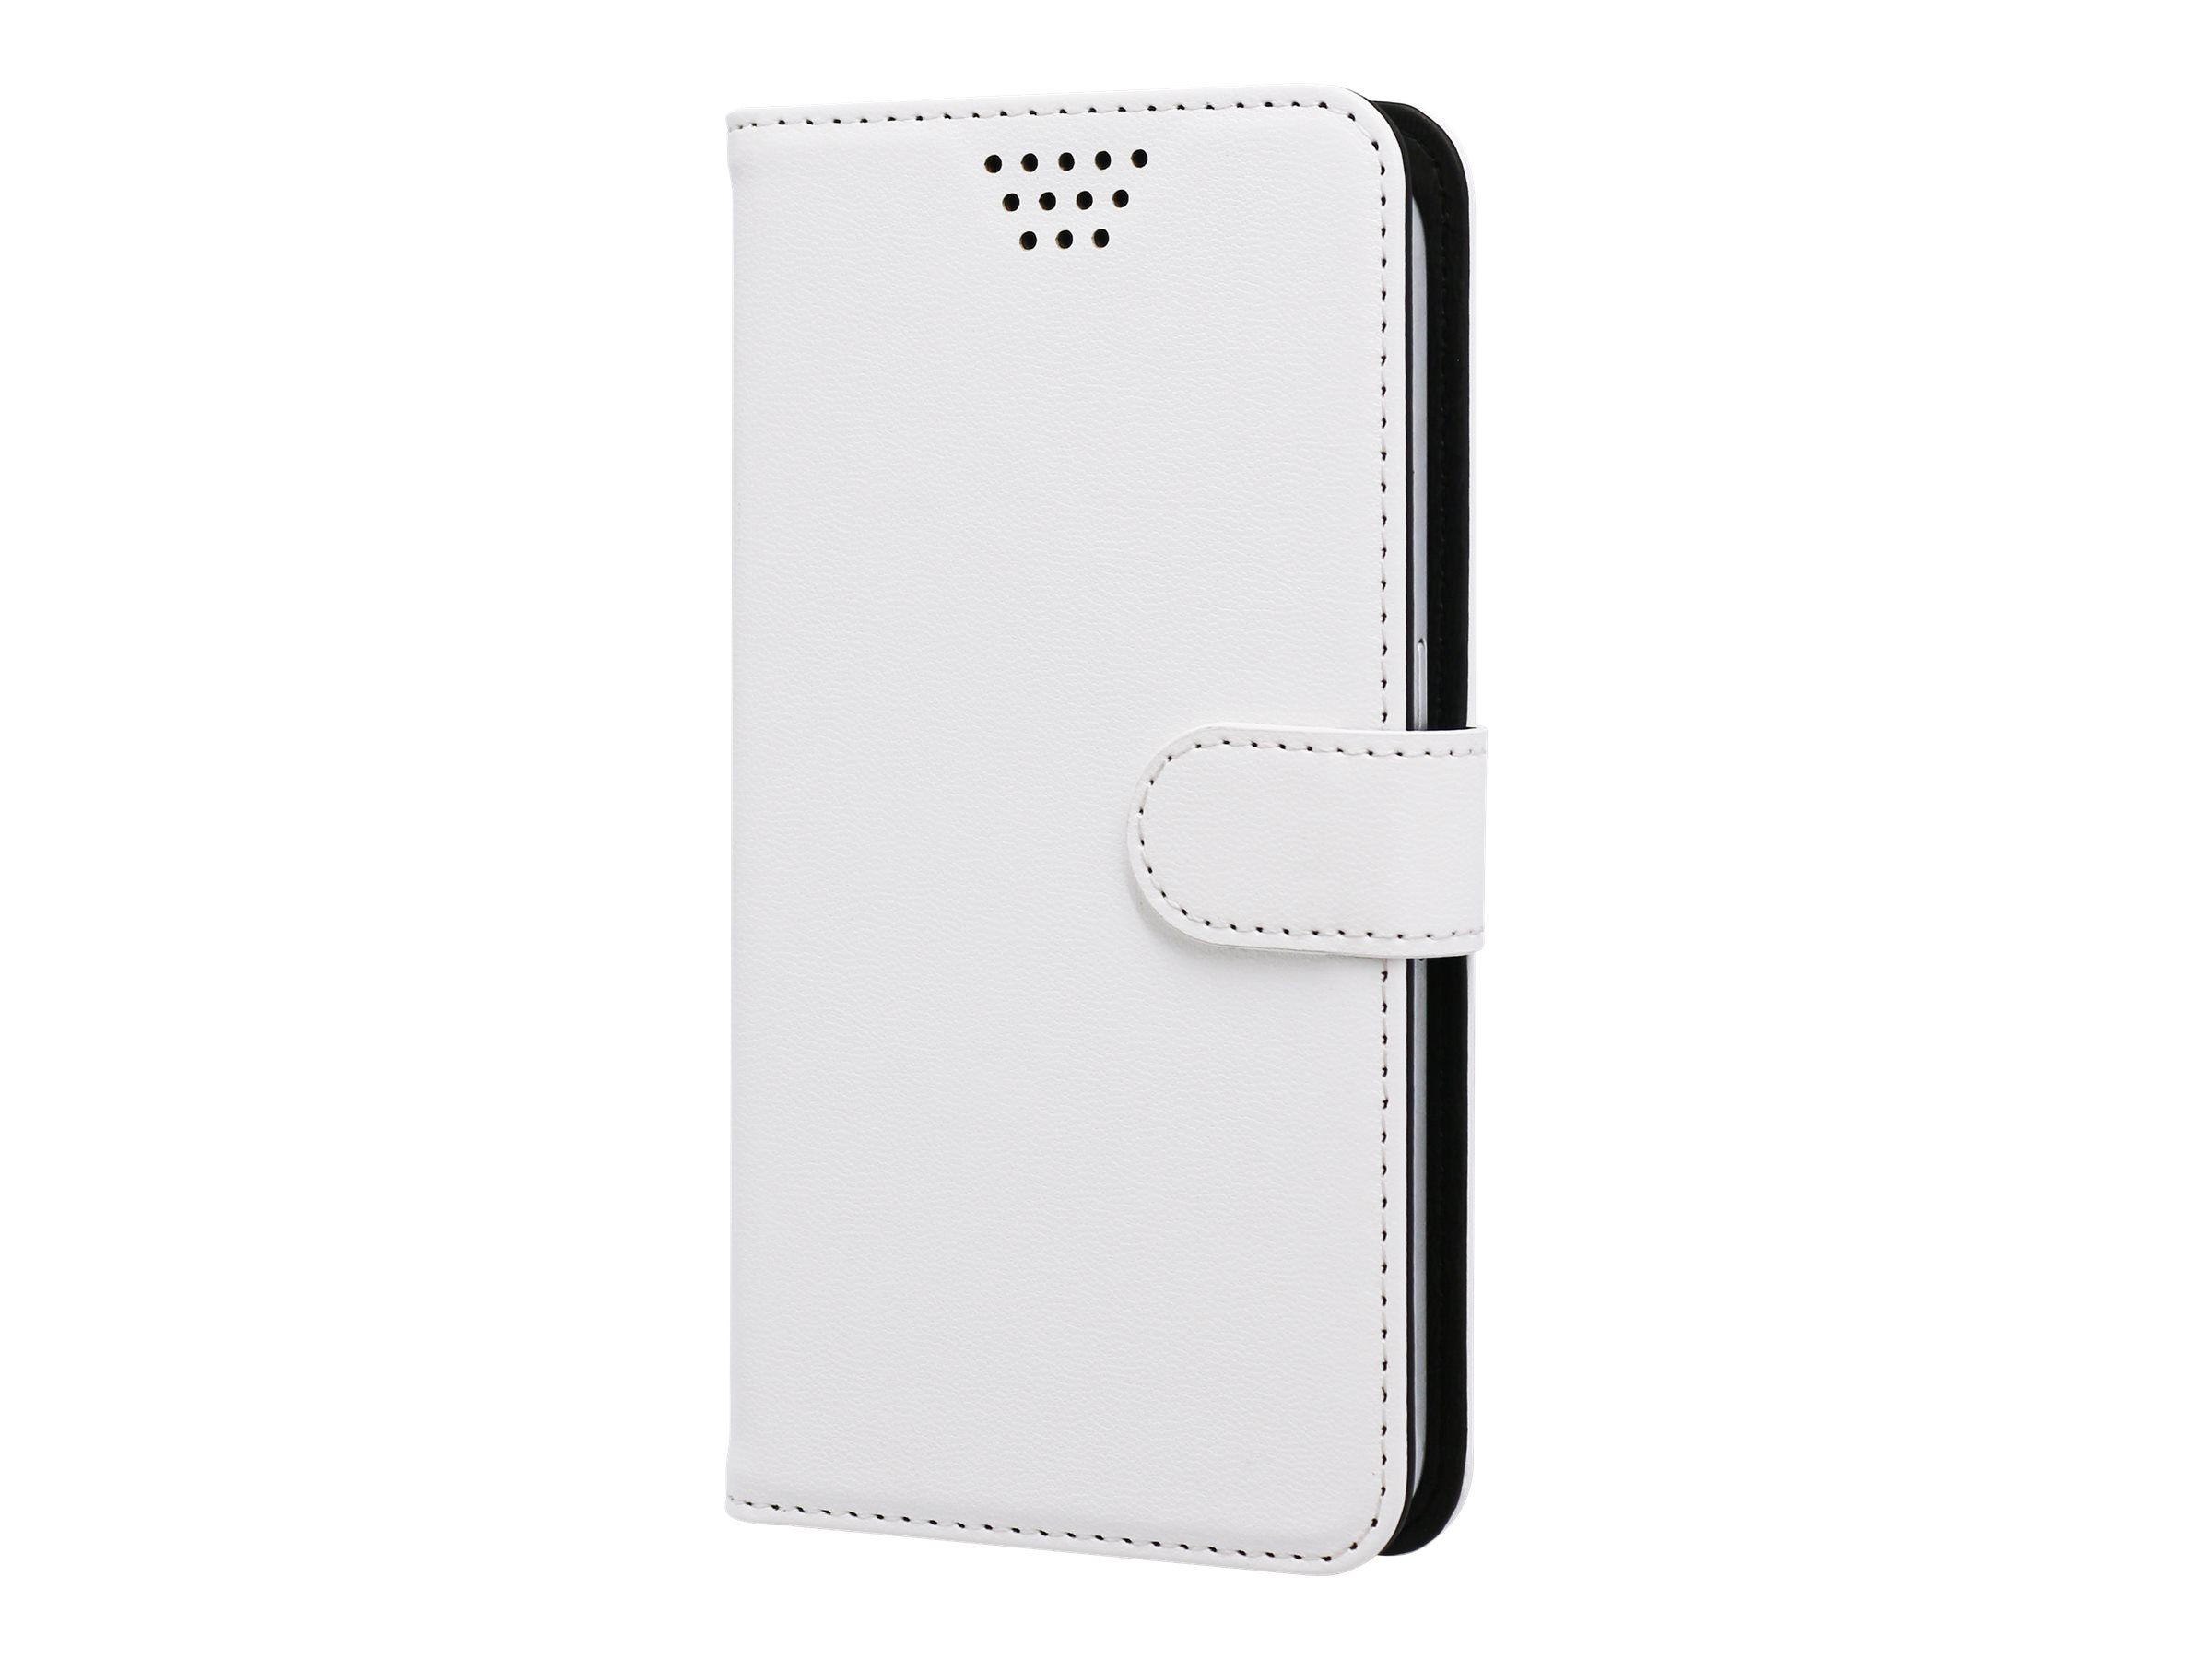 Muvit Folio - Protection à rabat - blanc - universel - jusqu'à 5 pouces